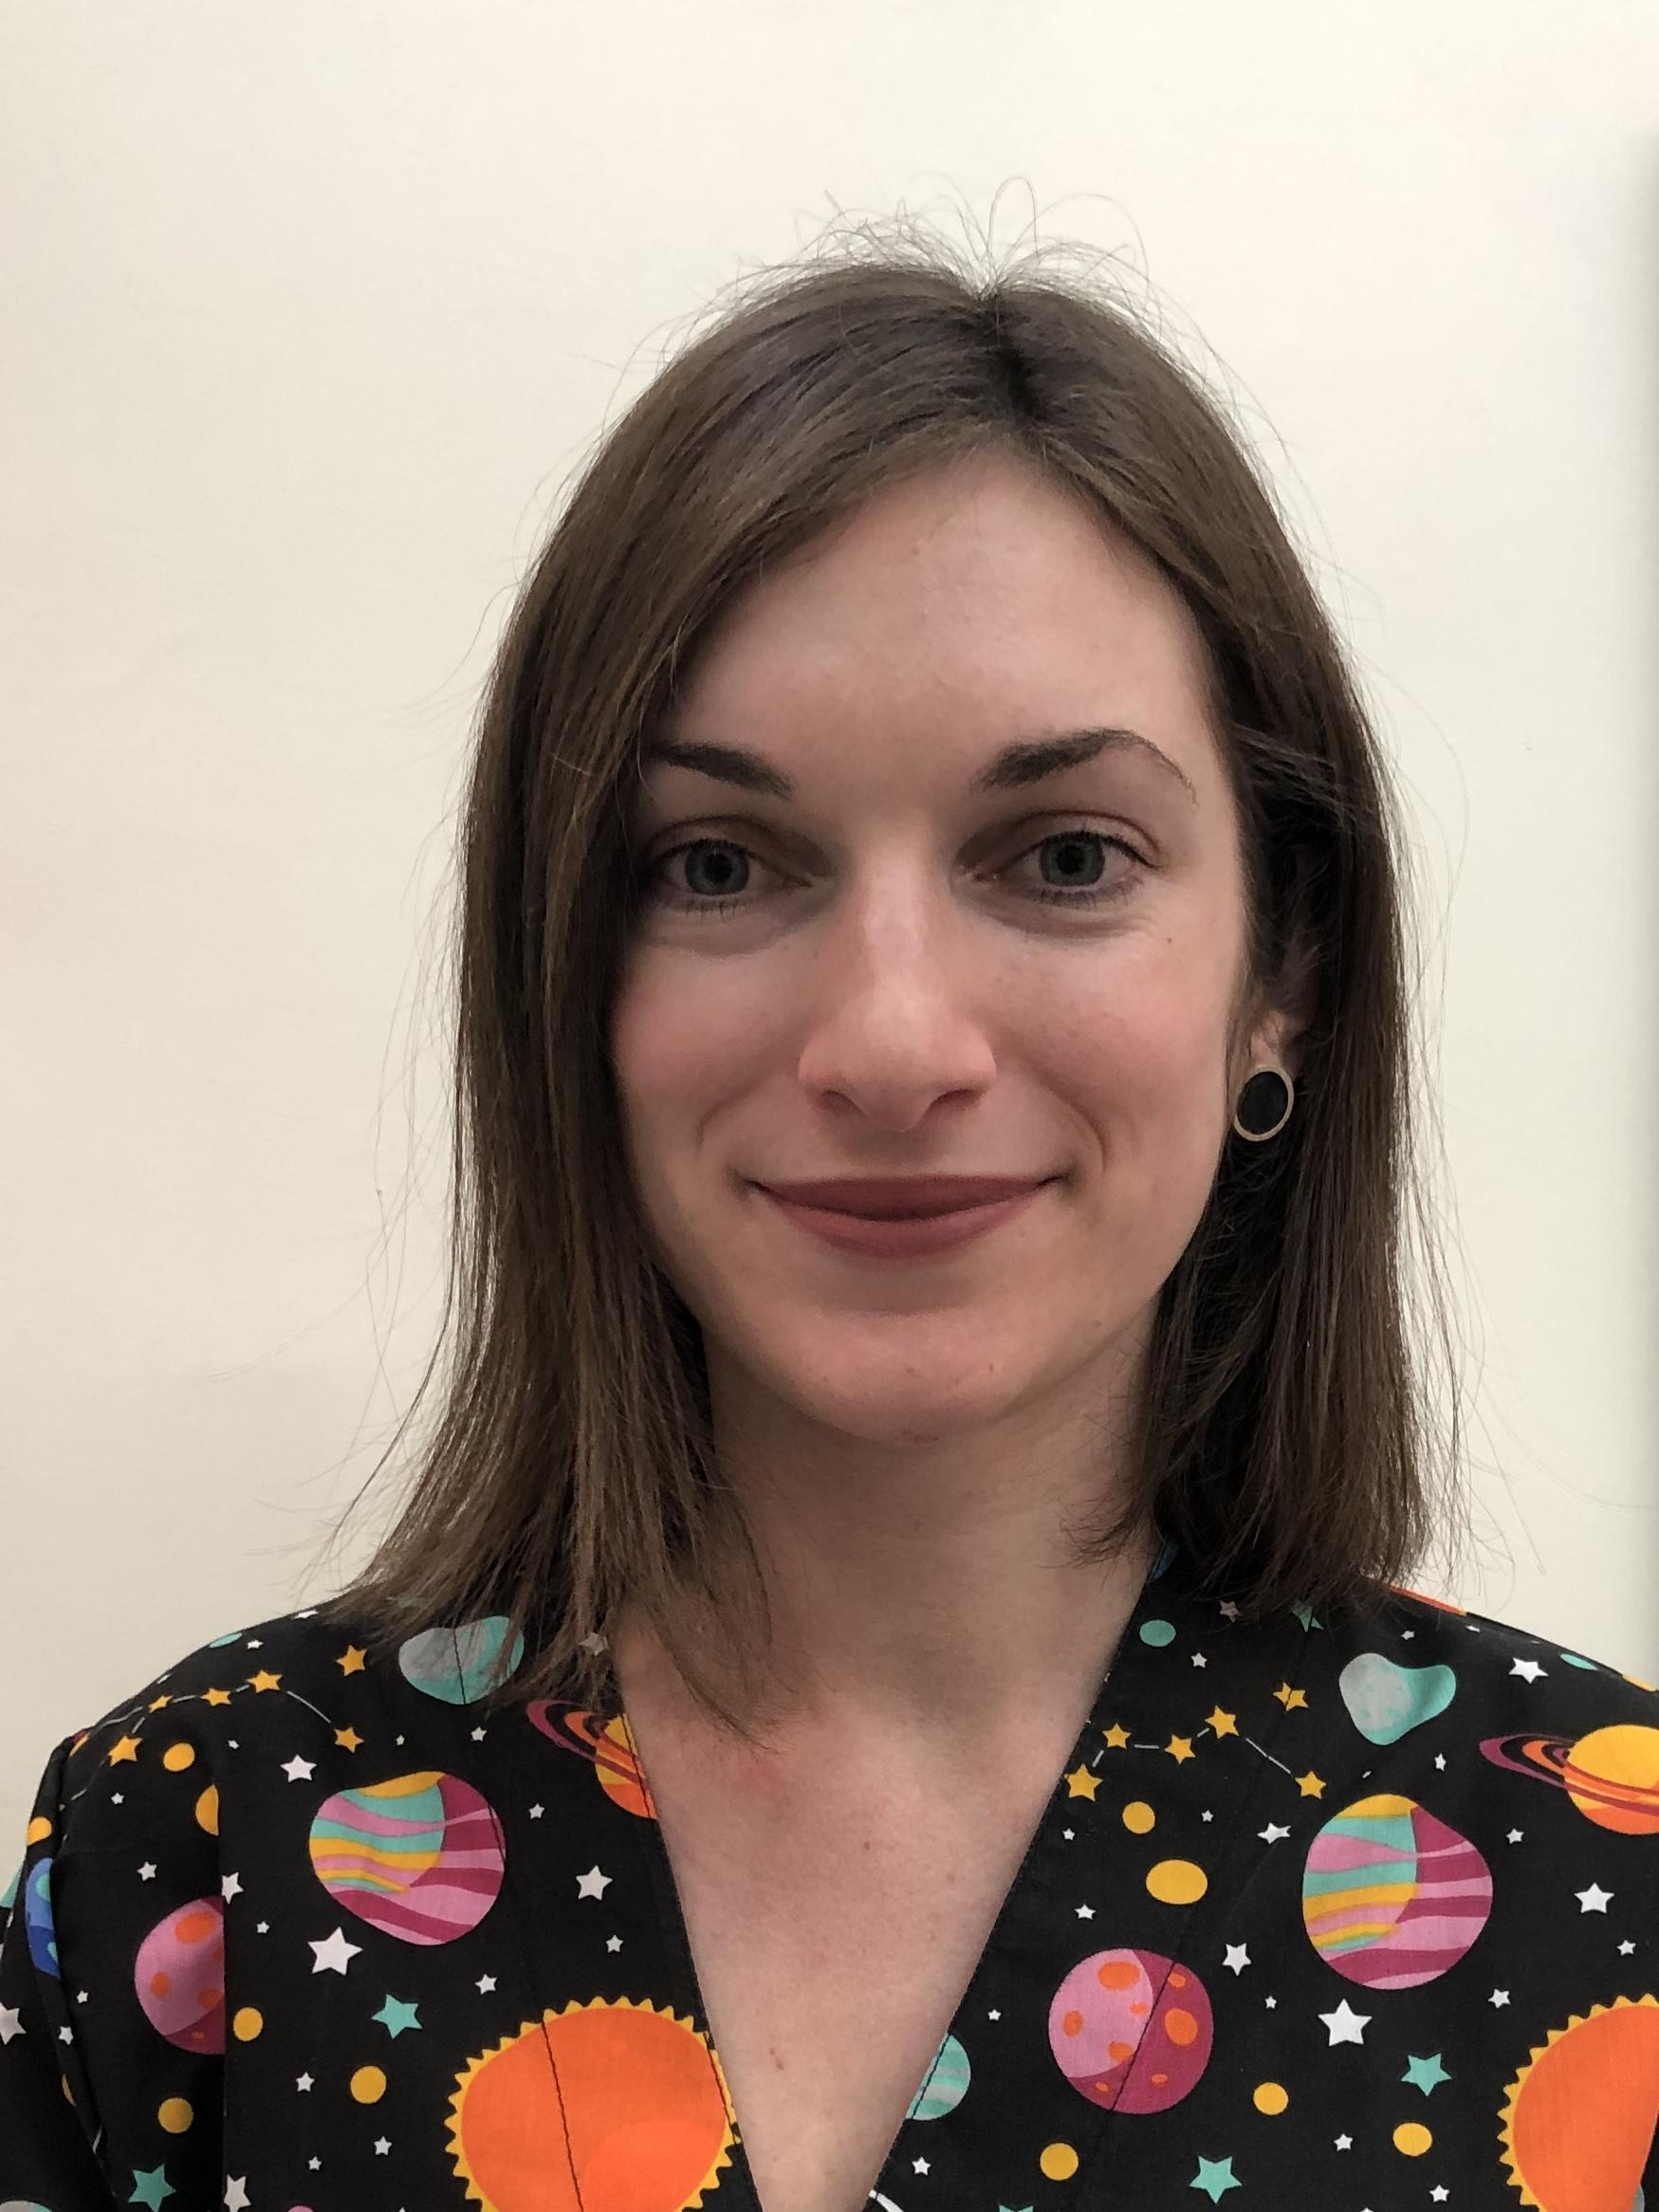 Κωνσταντίνα Κατσούλη - Οδοντίατρος